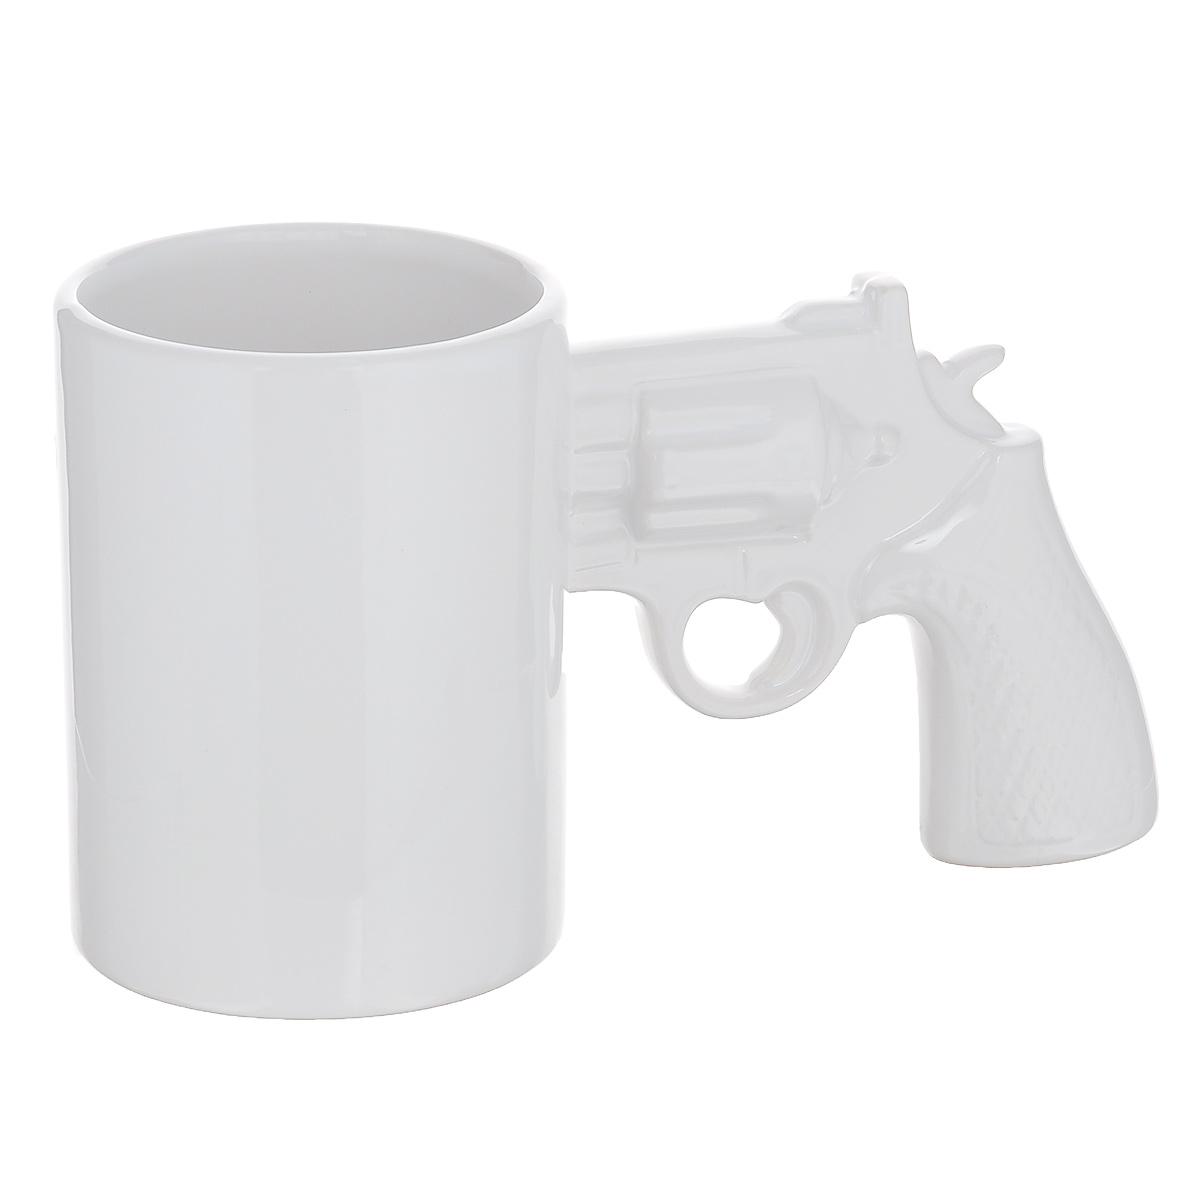 Кружка Револьвер, цвет: белый, 400 мл96167Кружка Револьвер выполнена из высококачественной керамики и прекрасно подойдет для вашей кухни. Ручка кружки выполнена в виде револьвера. Предназначена подачи кофе и чая. Кружка Револьвер станет отличным презентом для друзей и близких. Она поднимет вам настроение и вызовет улыбку у окружающих. Диаметр по верхнему краю: 8 см. Высота: 11 см. Объем: 400 мл.